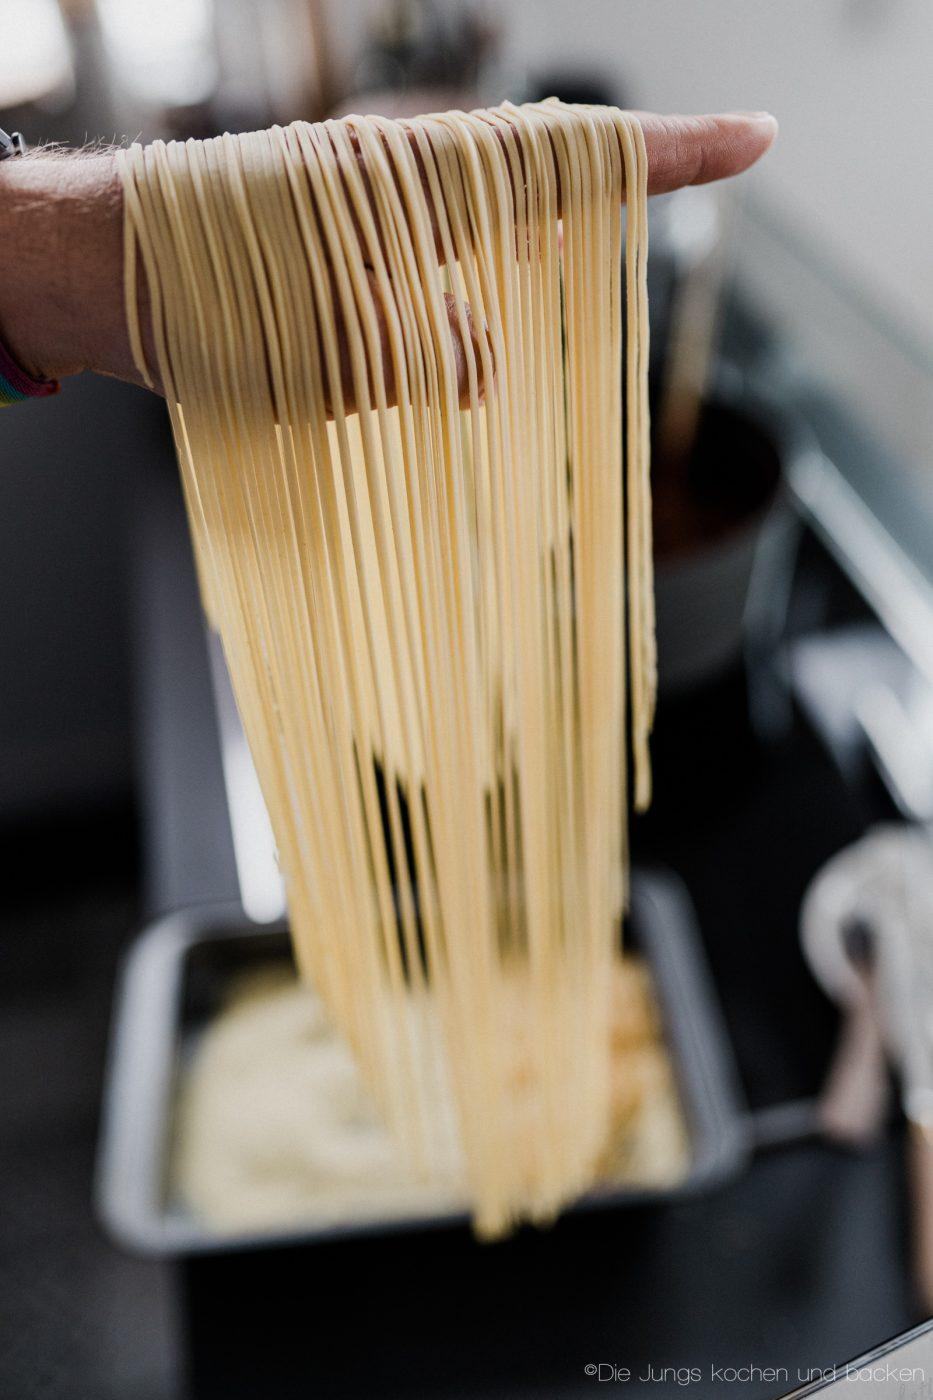 Pasta Grundrezept 14 | Wir beide essen wirklich selten Pasta. Nicht, weil wir sie nicht mögen ... ganz im Gegenteil, sondern weil wir unter der Woche immer mehr versuchen, nicht zu viele Kohlenhydrate zu futtern. Aber so ganz klappt das natürlich nicht immer. Da wollen wir mal ganz ehrlich sein. Wenn wir dann aber Nudeln kochen wollen, dann sind die aus selbst gemachtem Pastateig mittlerweile Pflicht.